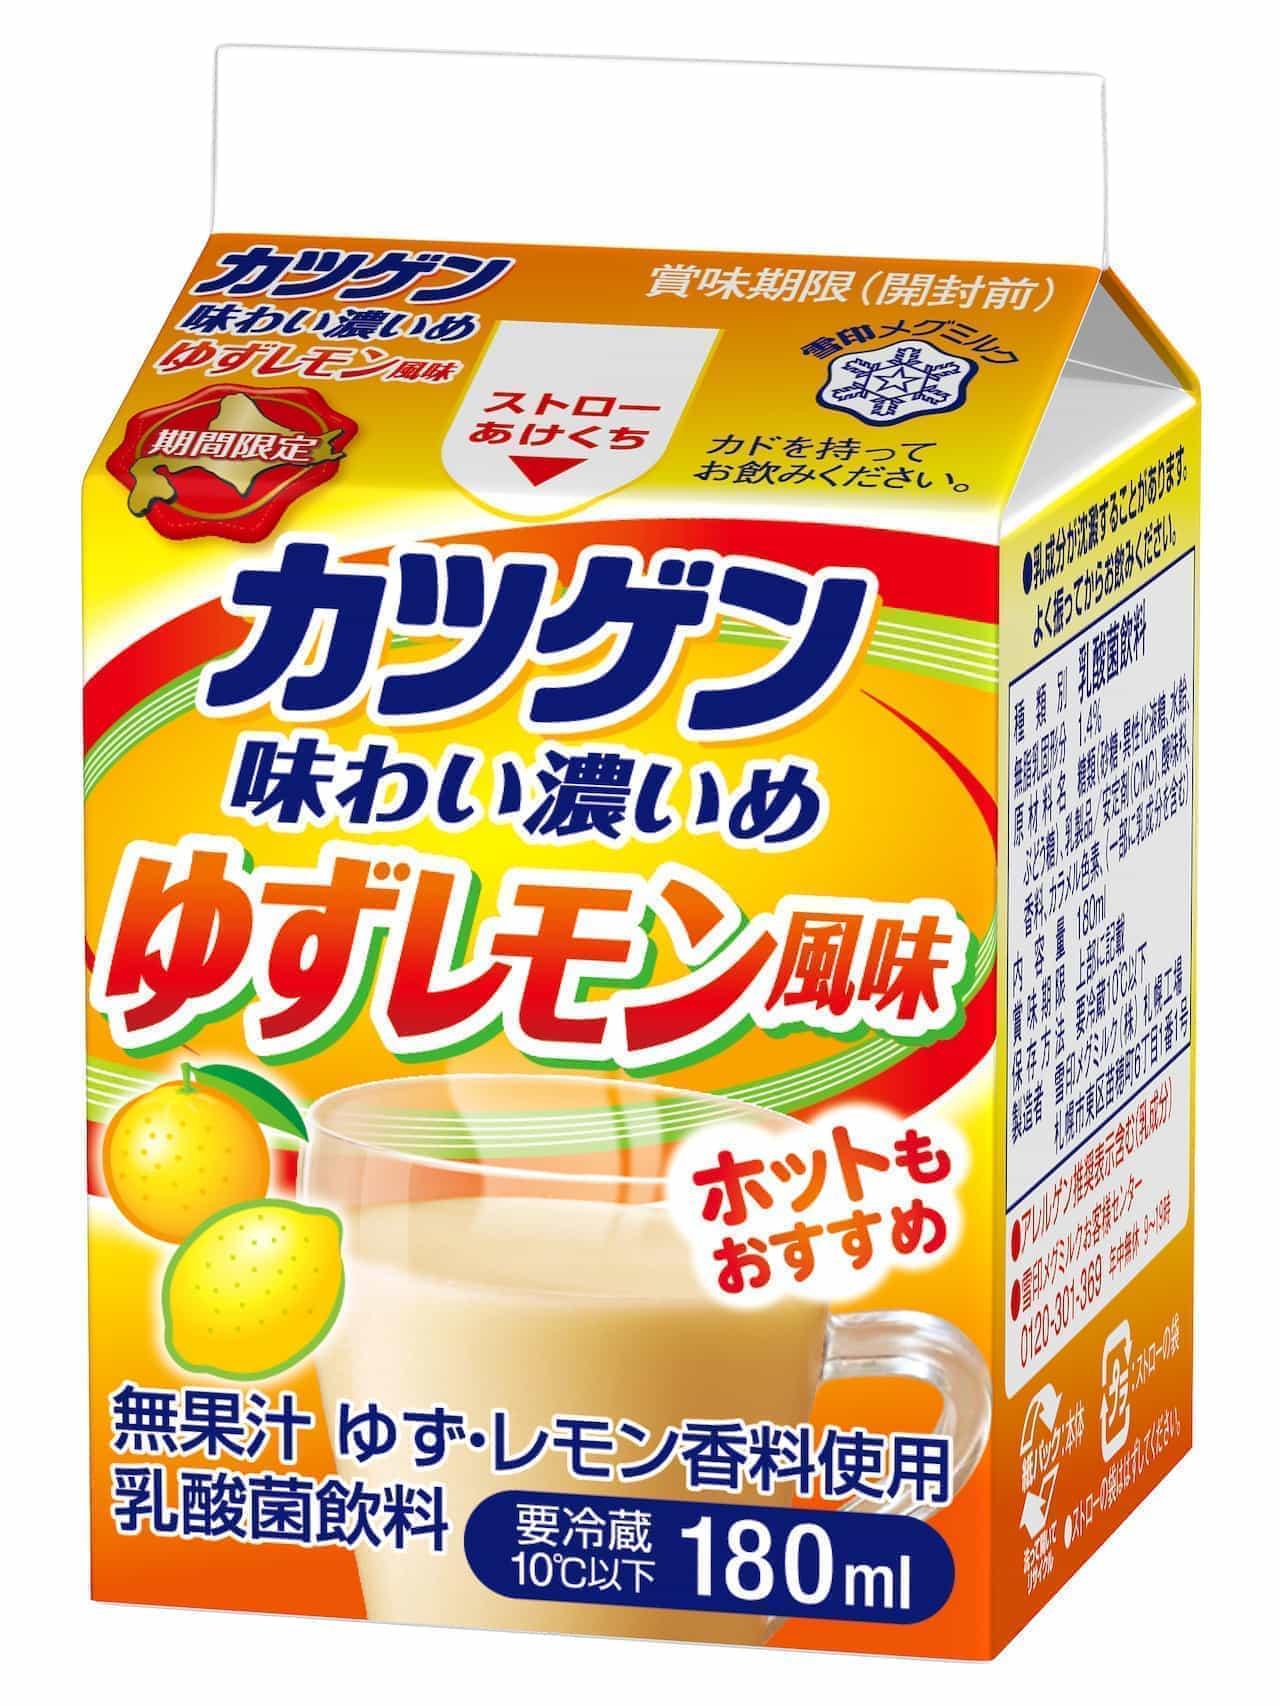 「カツゲン 味わい濃いめ ゆずレモン風味」北海道のコンビニ先行